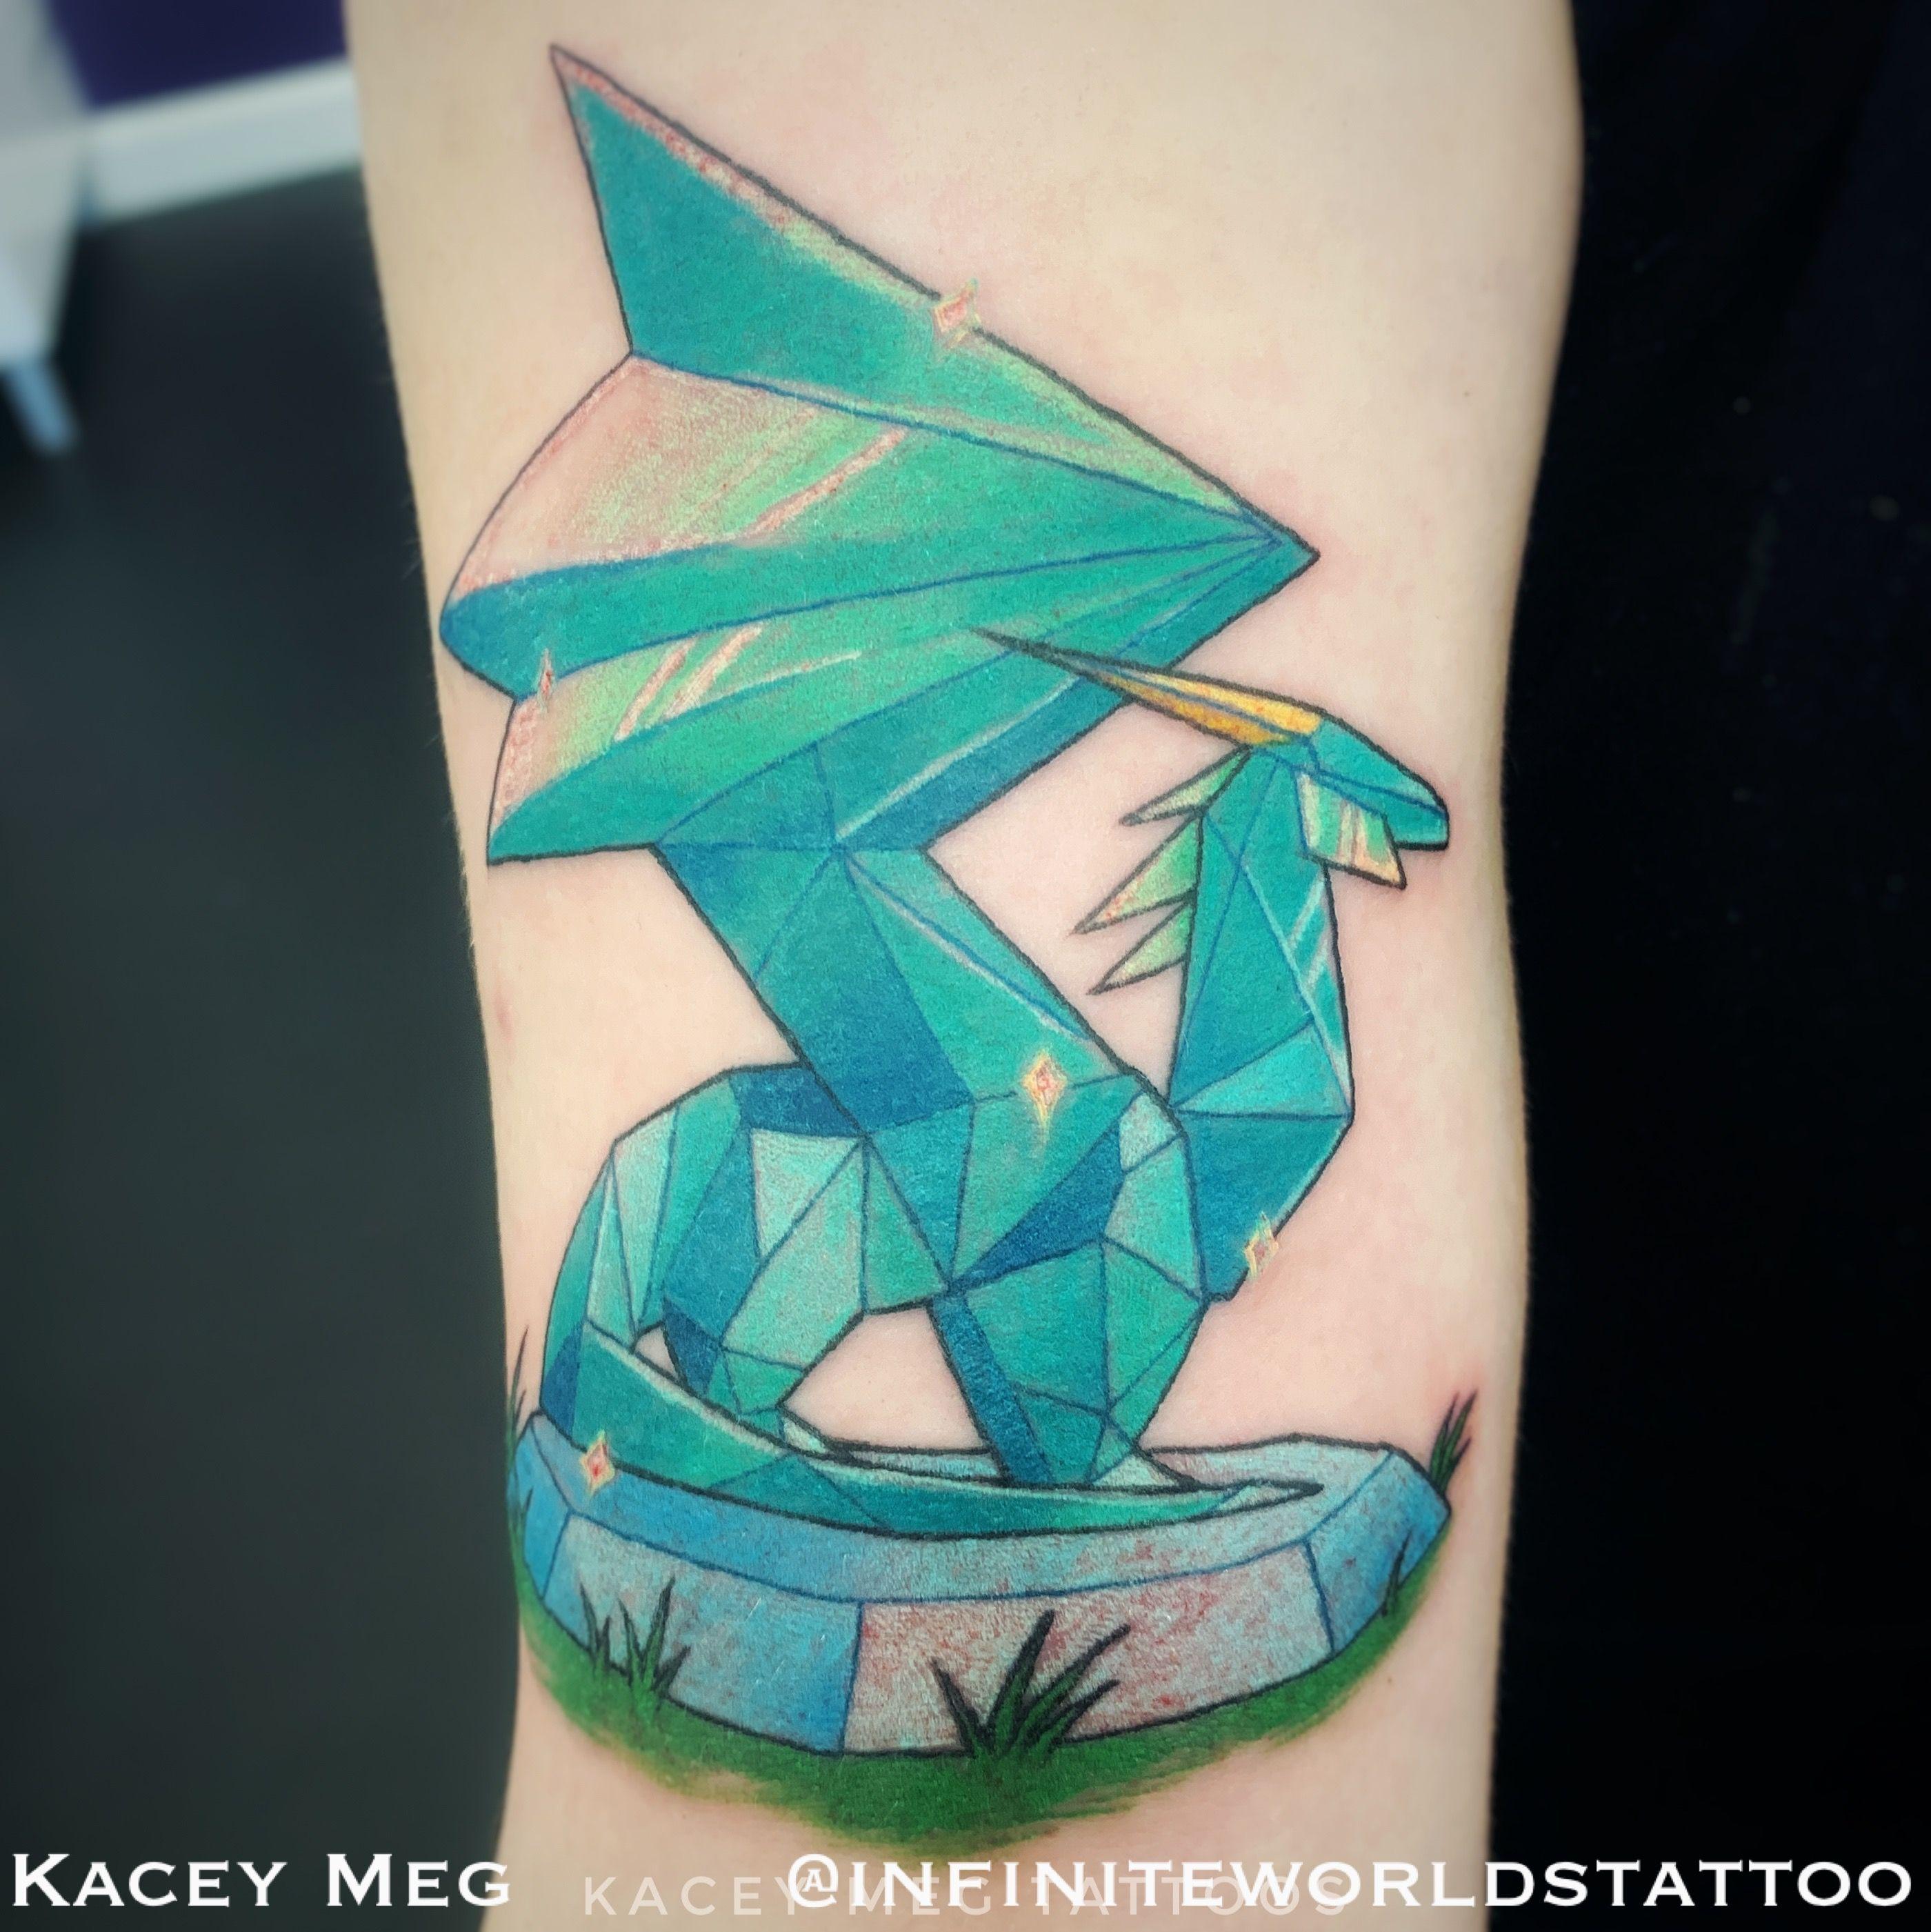 Crystal Dragon Tattoo From Spyro Tattoo By Kacey Meg From Infinite Worlds Tattoo And Design Tattoos World Tattoo Pikachu Tattoo